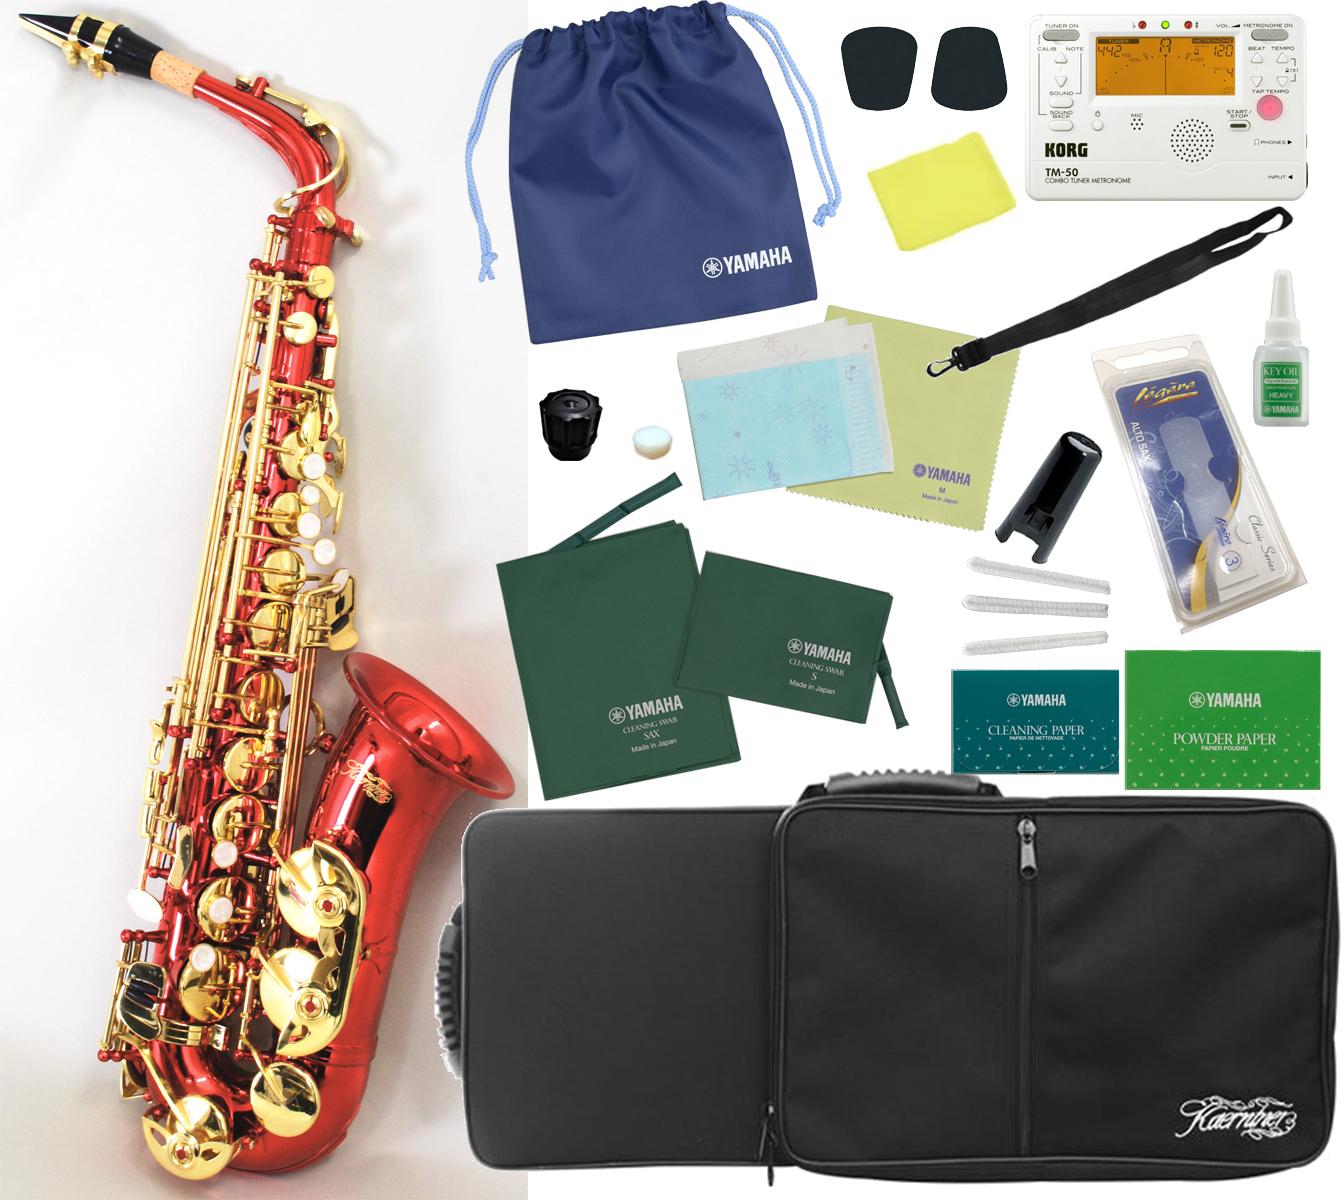 レッド アルトサックス オリジナル カラー サックス 楽器 本体 ケース セット 初心者 管楽器 スタンダード E♭ 【 アルトサックス 赤色 セット C 】 送料無料